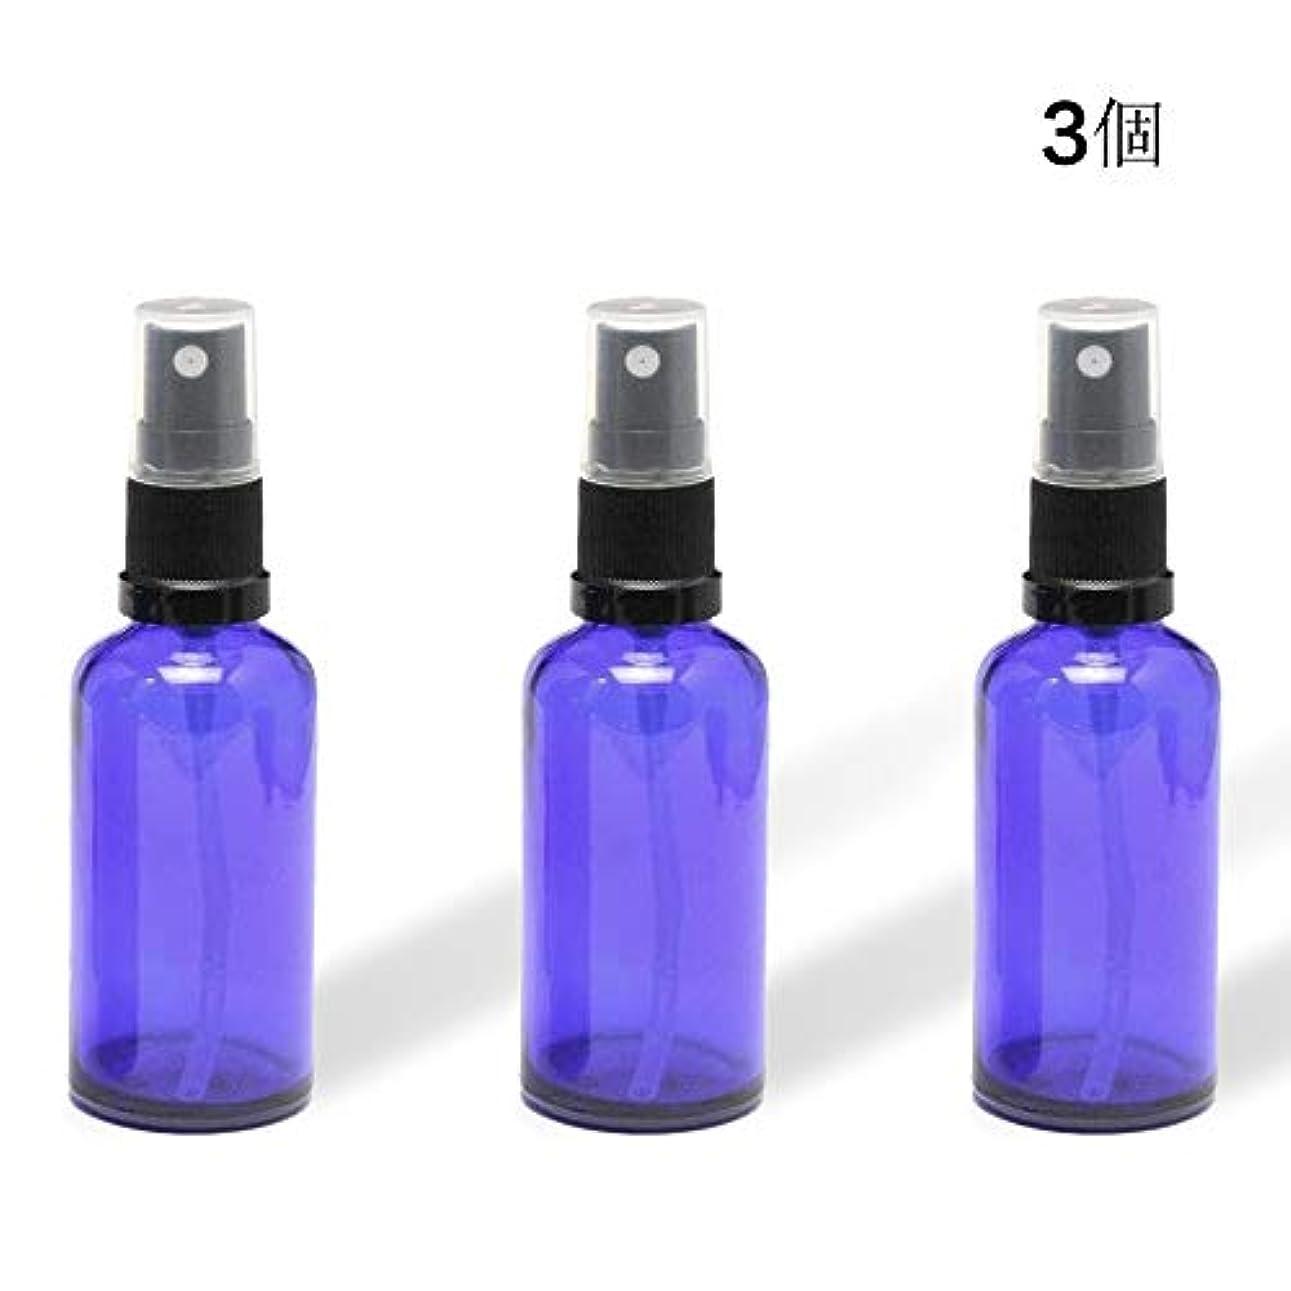 矛盾する慣れる貢献遮光瓶/スプレーボトル (アトマイザー) 50ml ブルー/ブラックヘッド 3本セット